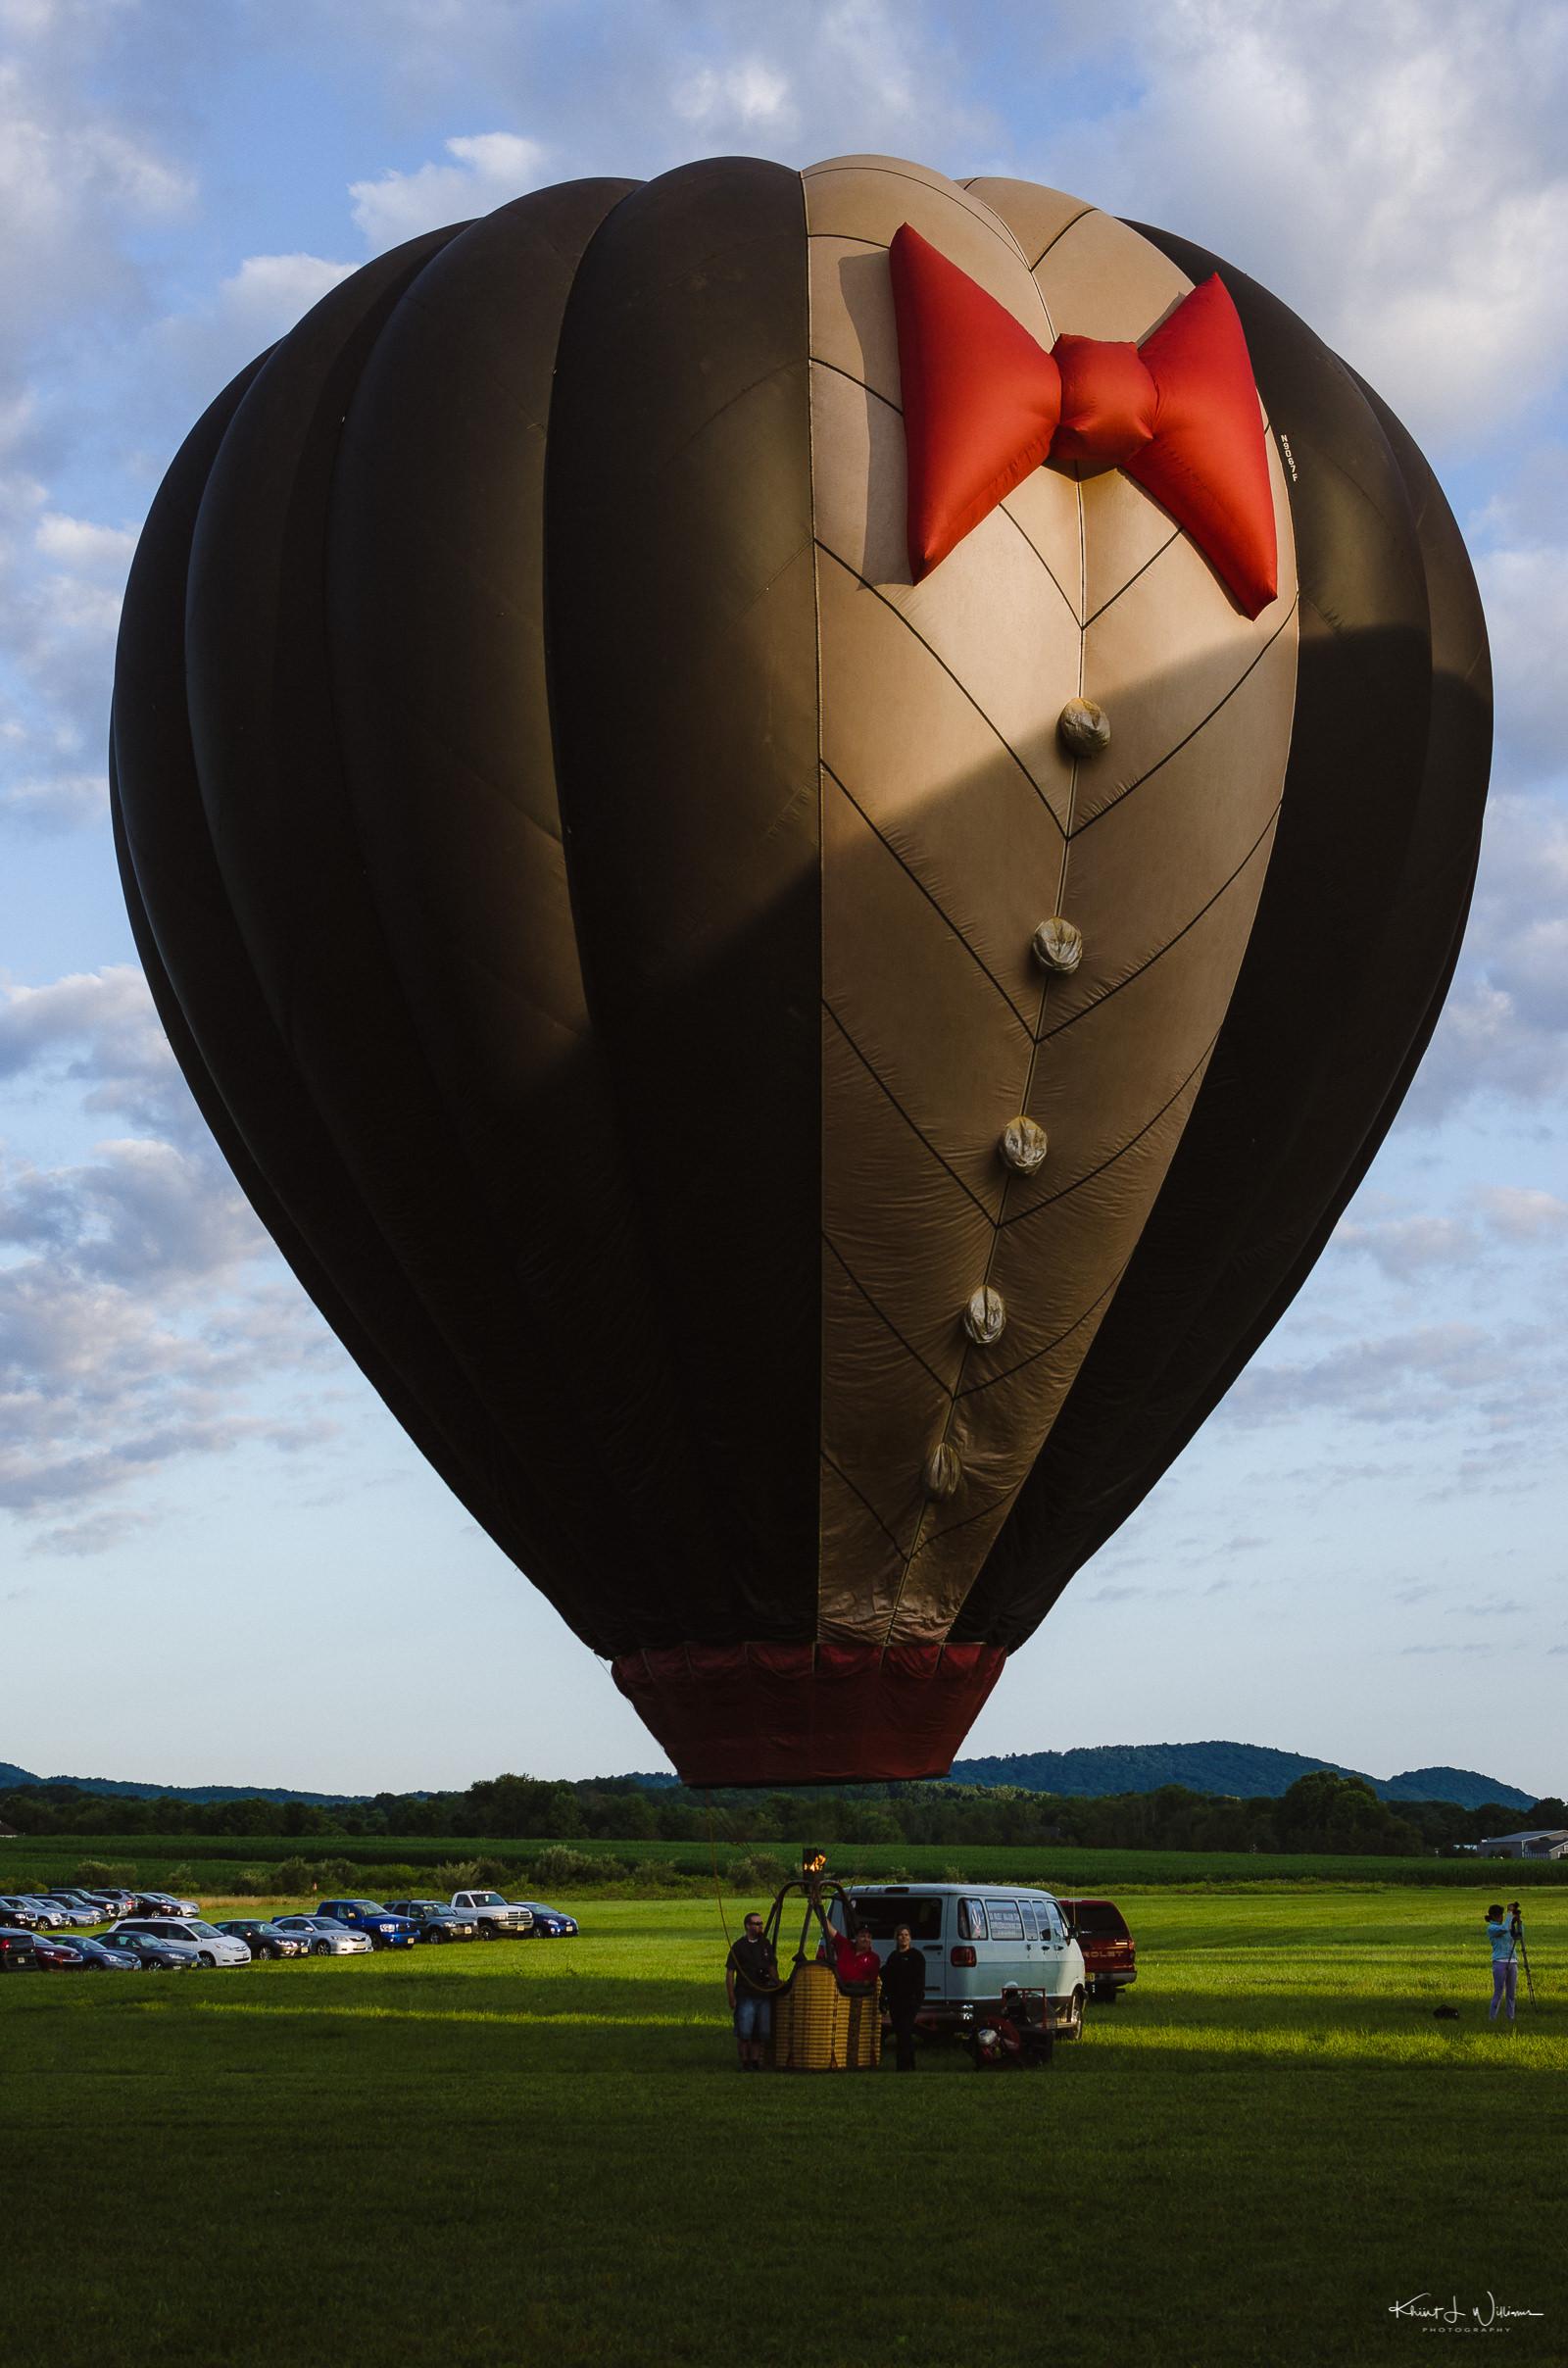 Balloon NIKON D5100 20140725 1029 1